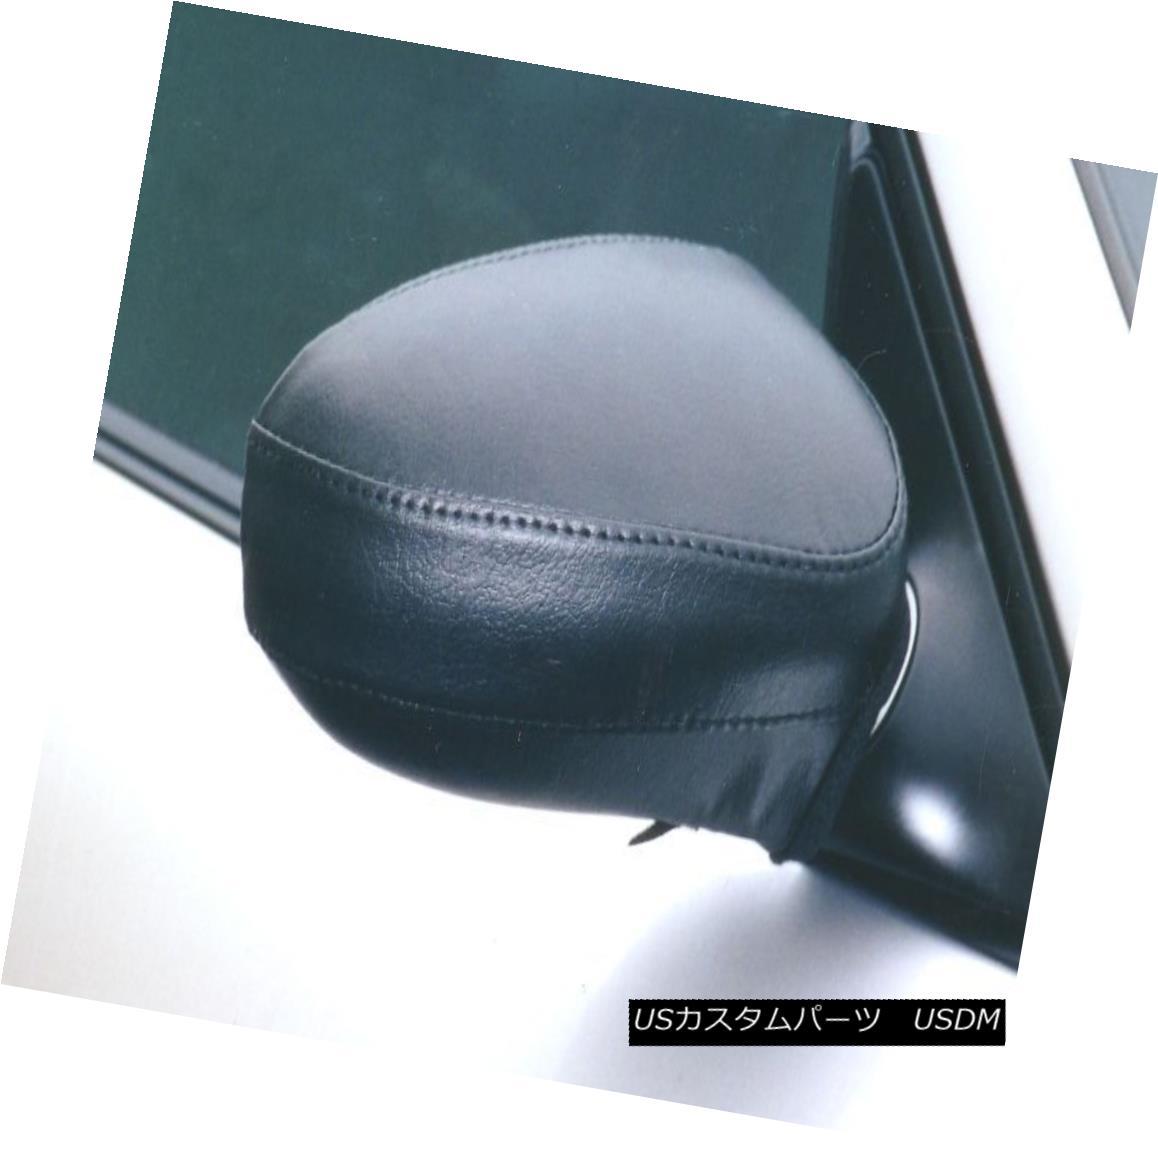 フルブラ ノーズブラ Colgan Car Mirror Covers Bra Black Fits 1997-2004 Porsche Boxster コルガン車用ミラーカバーブラックブラックフィット1997-2004ポルシェボクスター